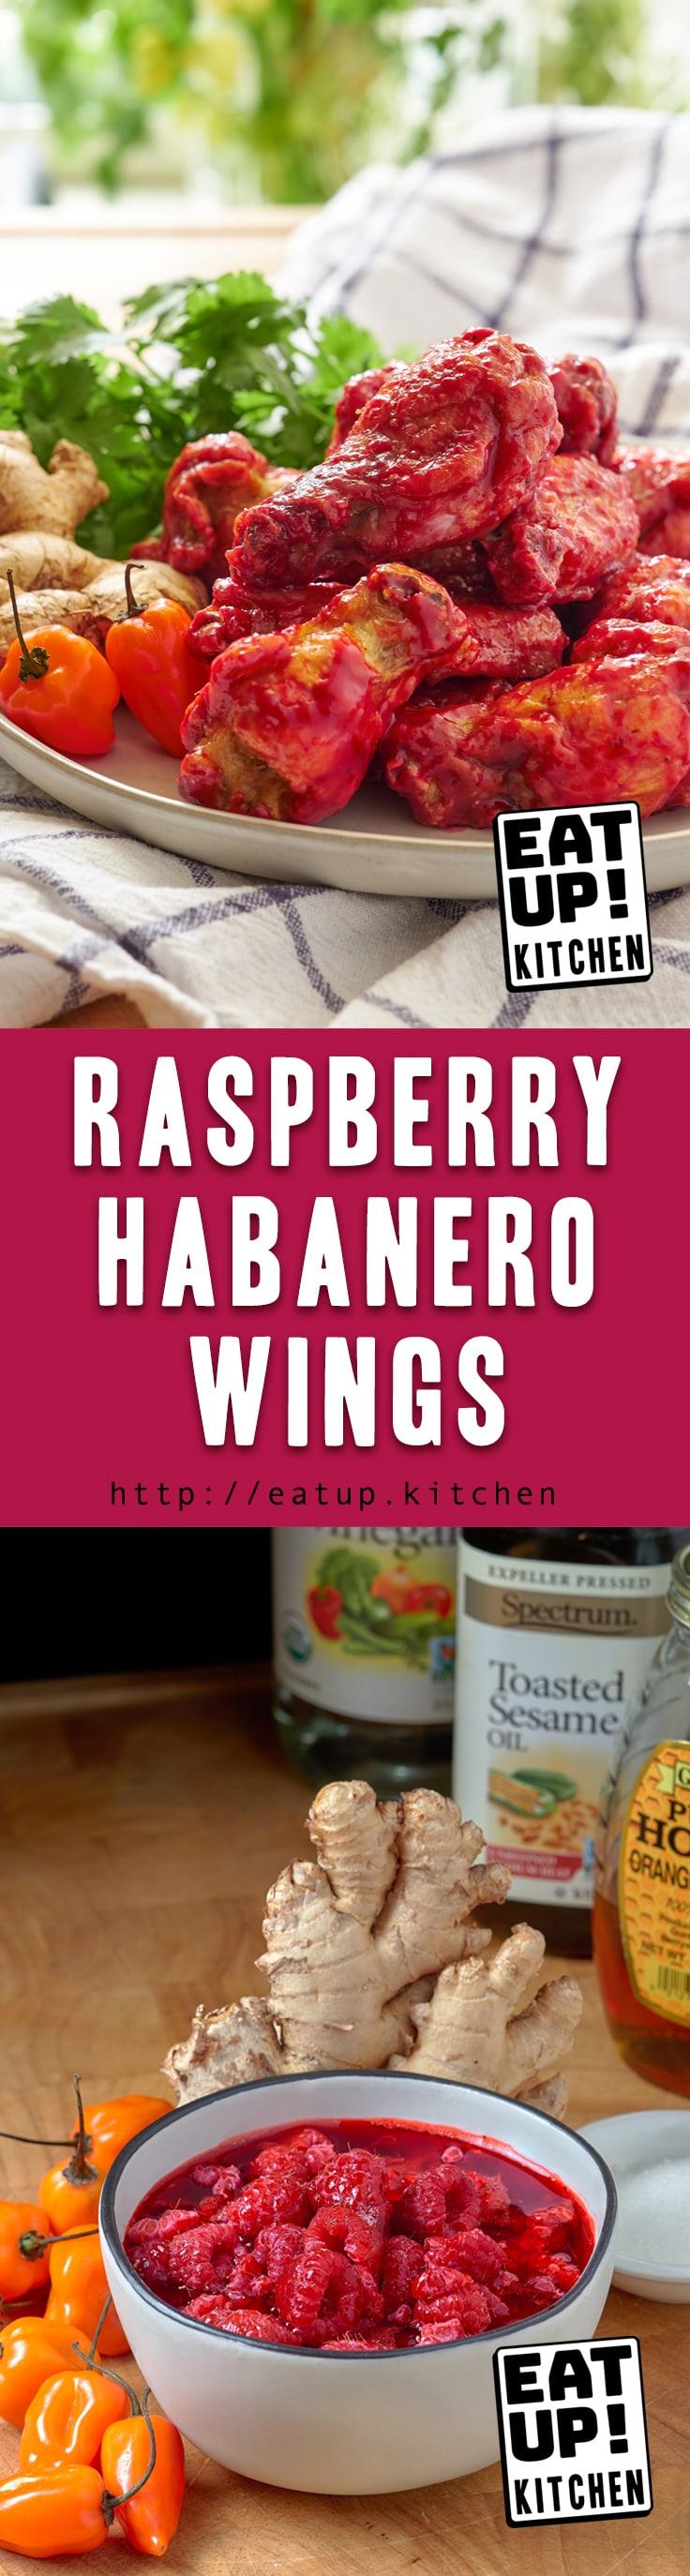 Raspberry Habanero Wings